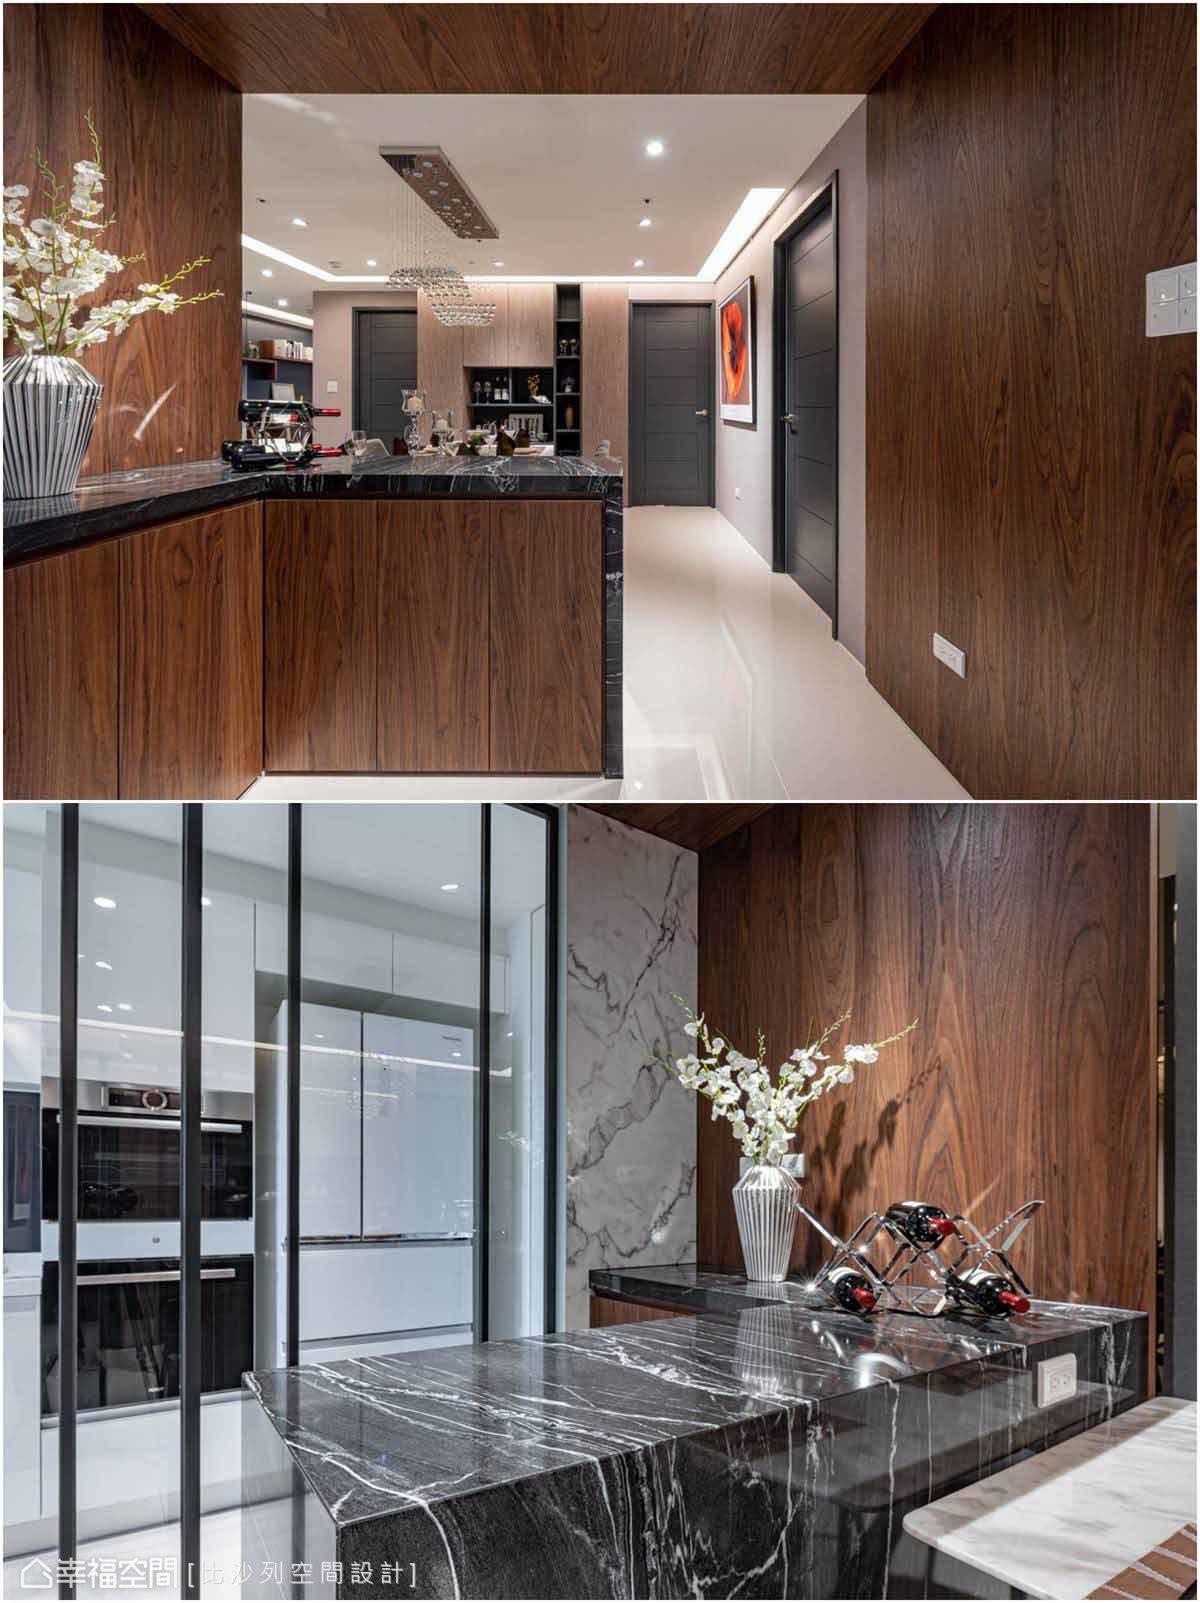 檯面選用與電視牆相同的石材,短牆面選用與沙發背牆一樣的仿石紋美耐板,彼此相互呼應,點出大宅器度。